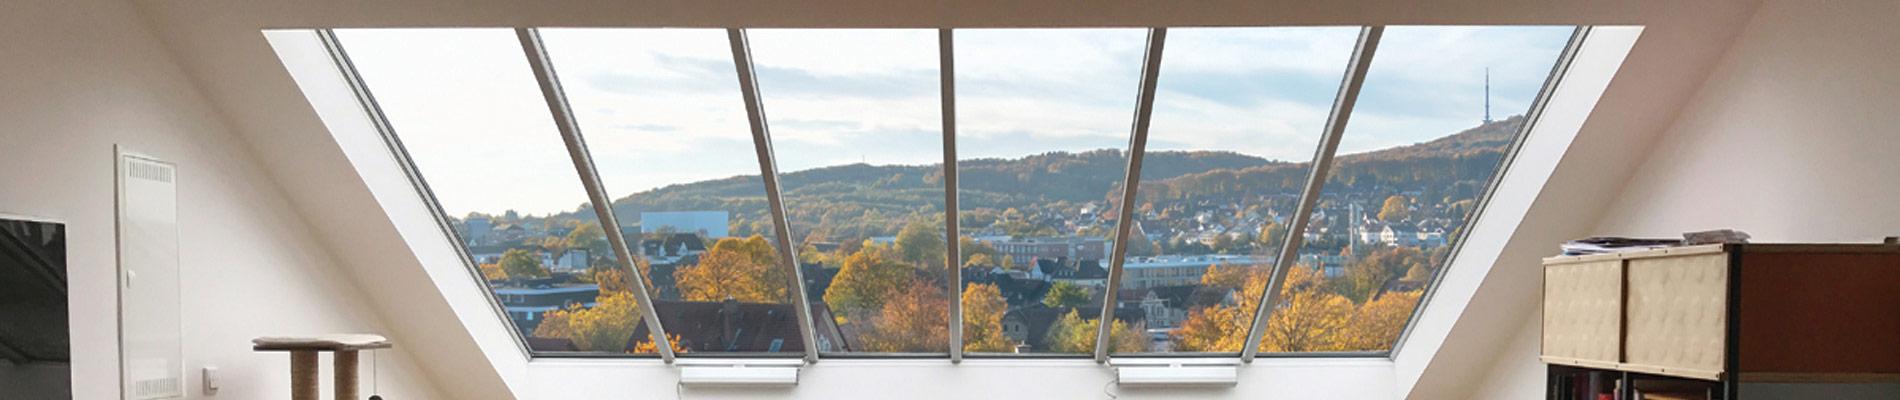 Innenansicht eines Panoramafensters in einem Steildach